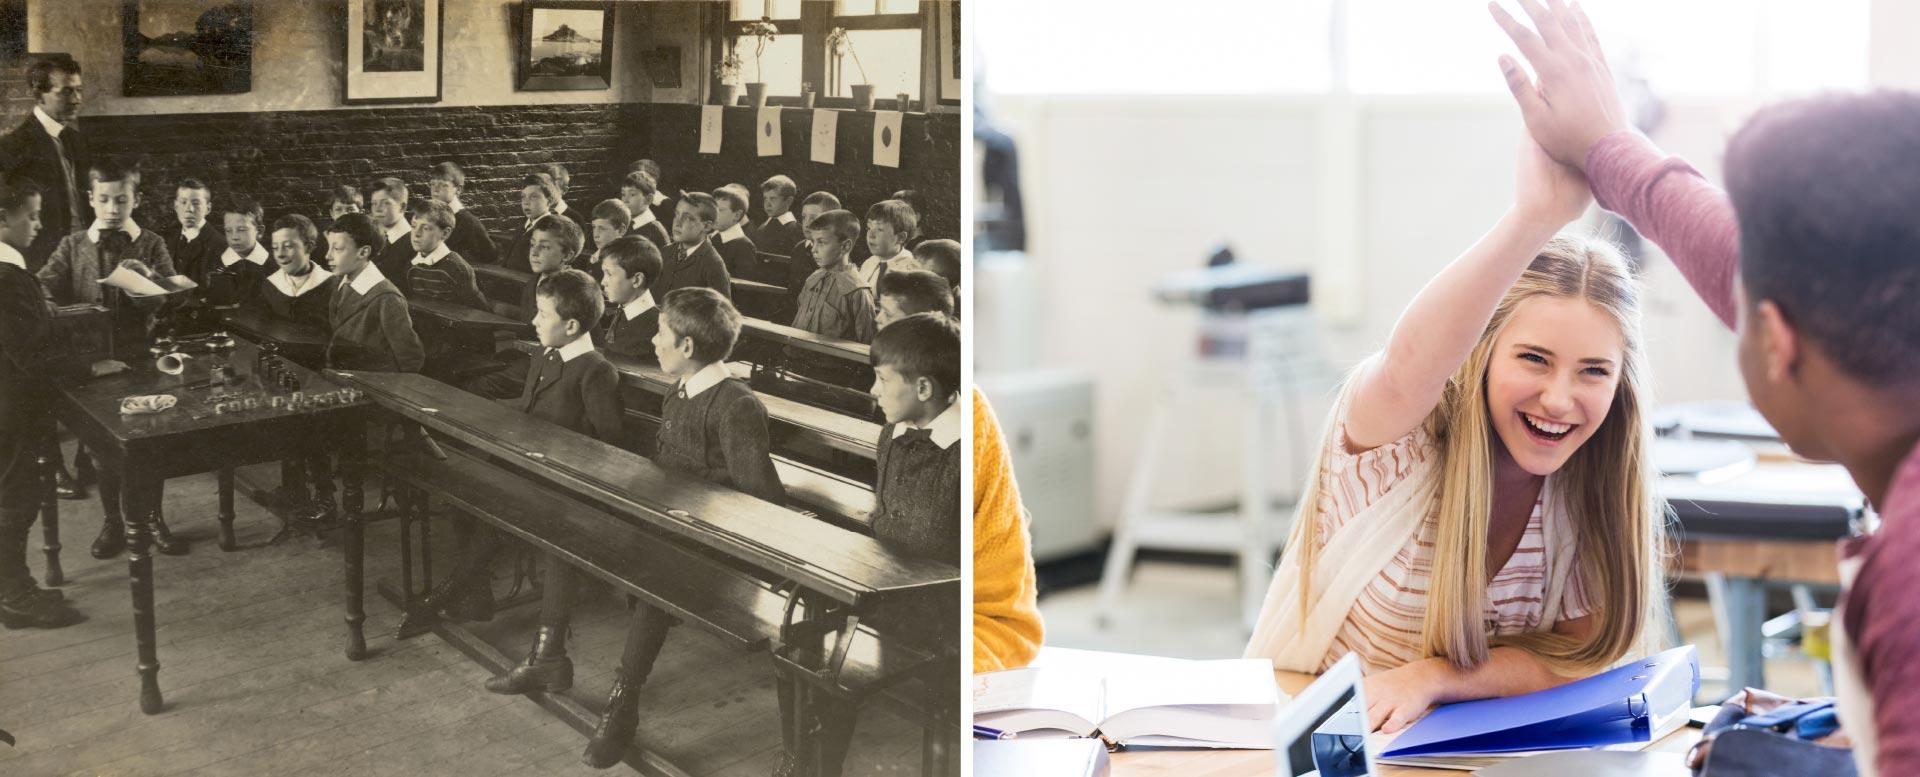 Trennung von Jungen und Mädchen in der Schule